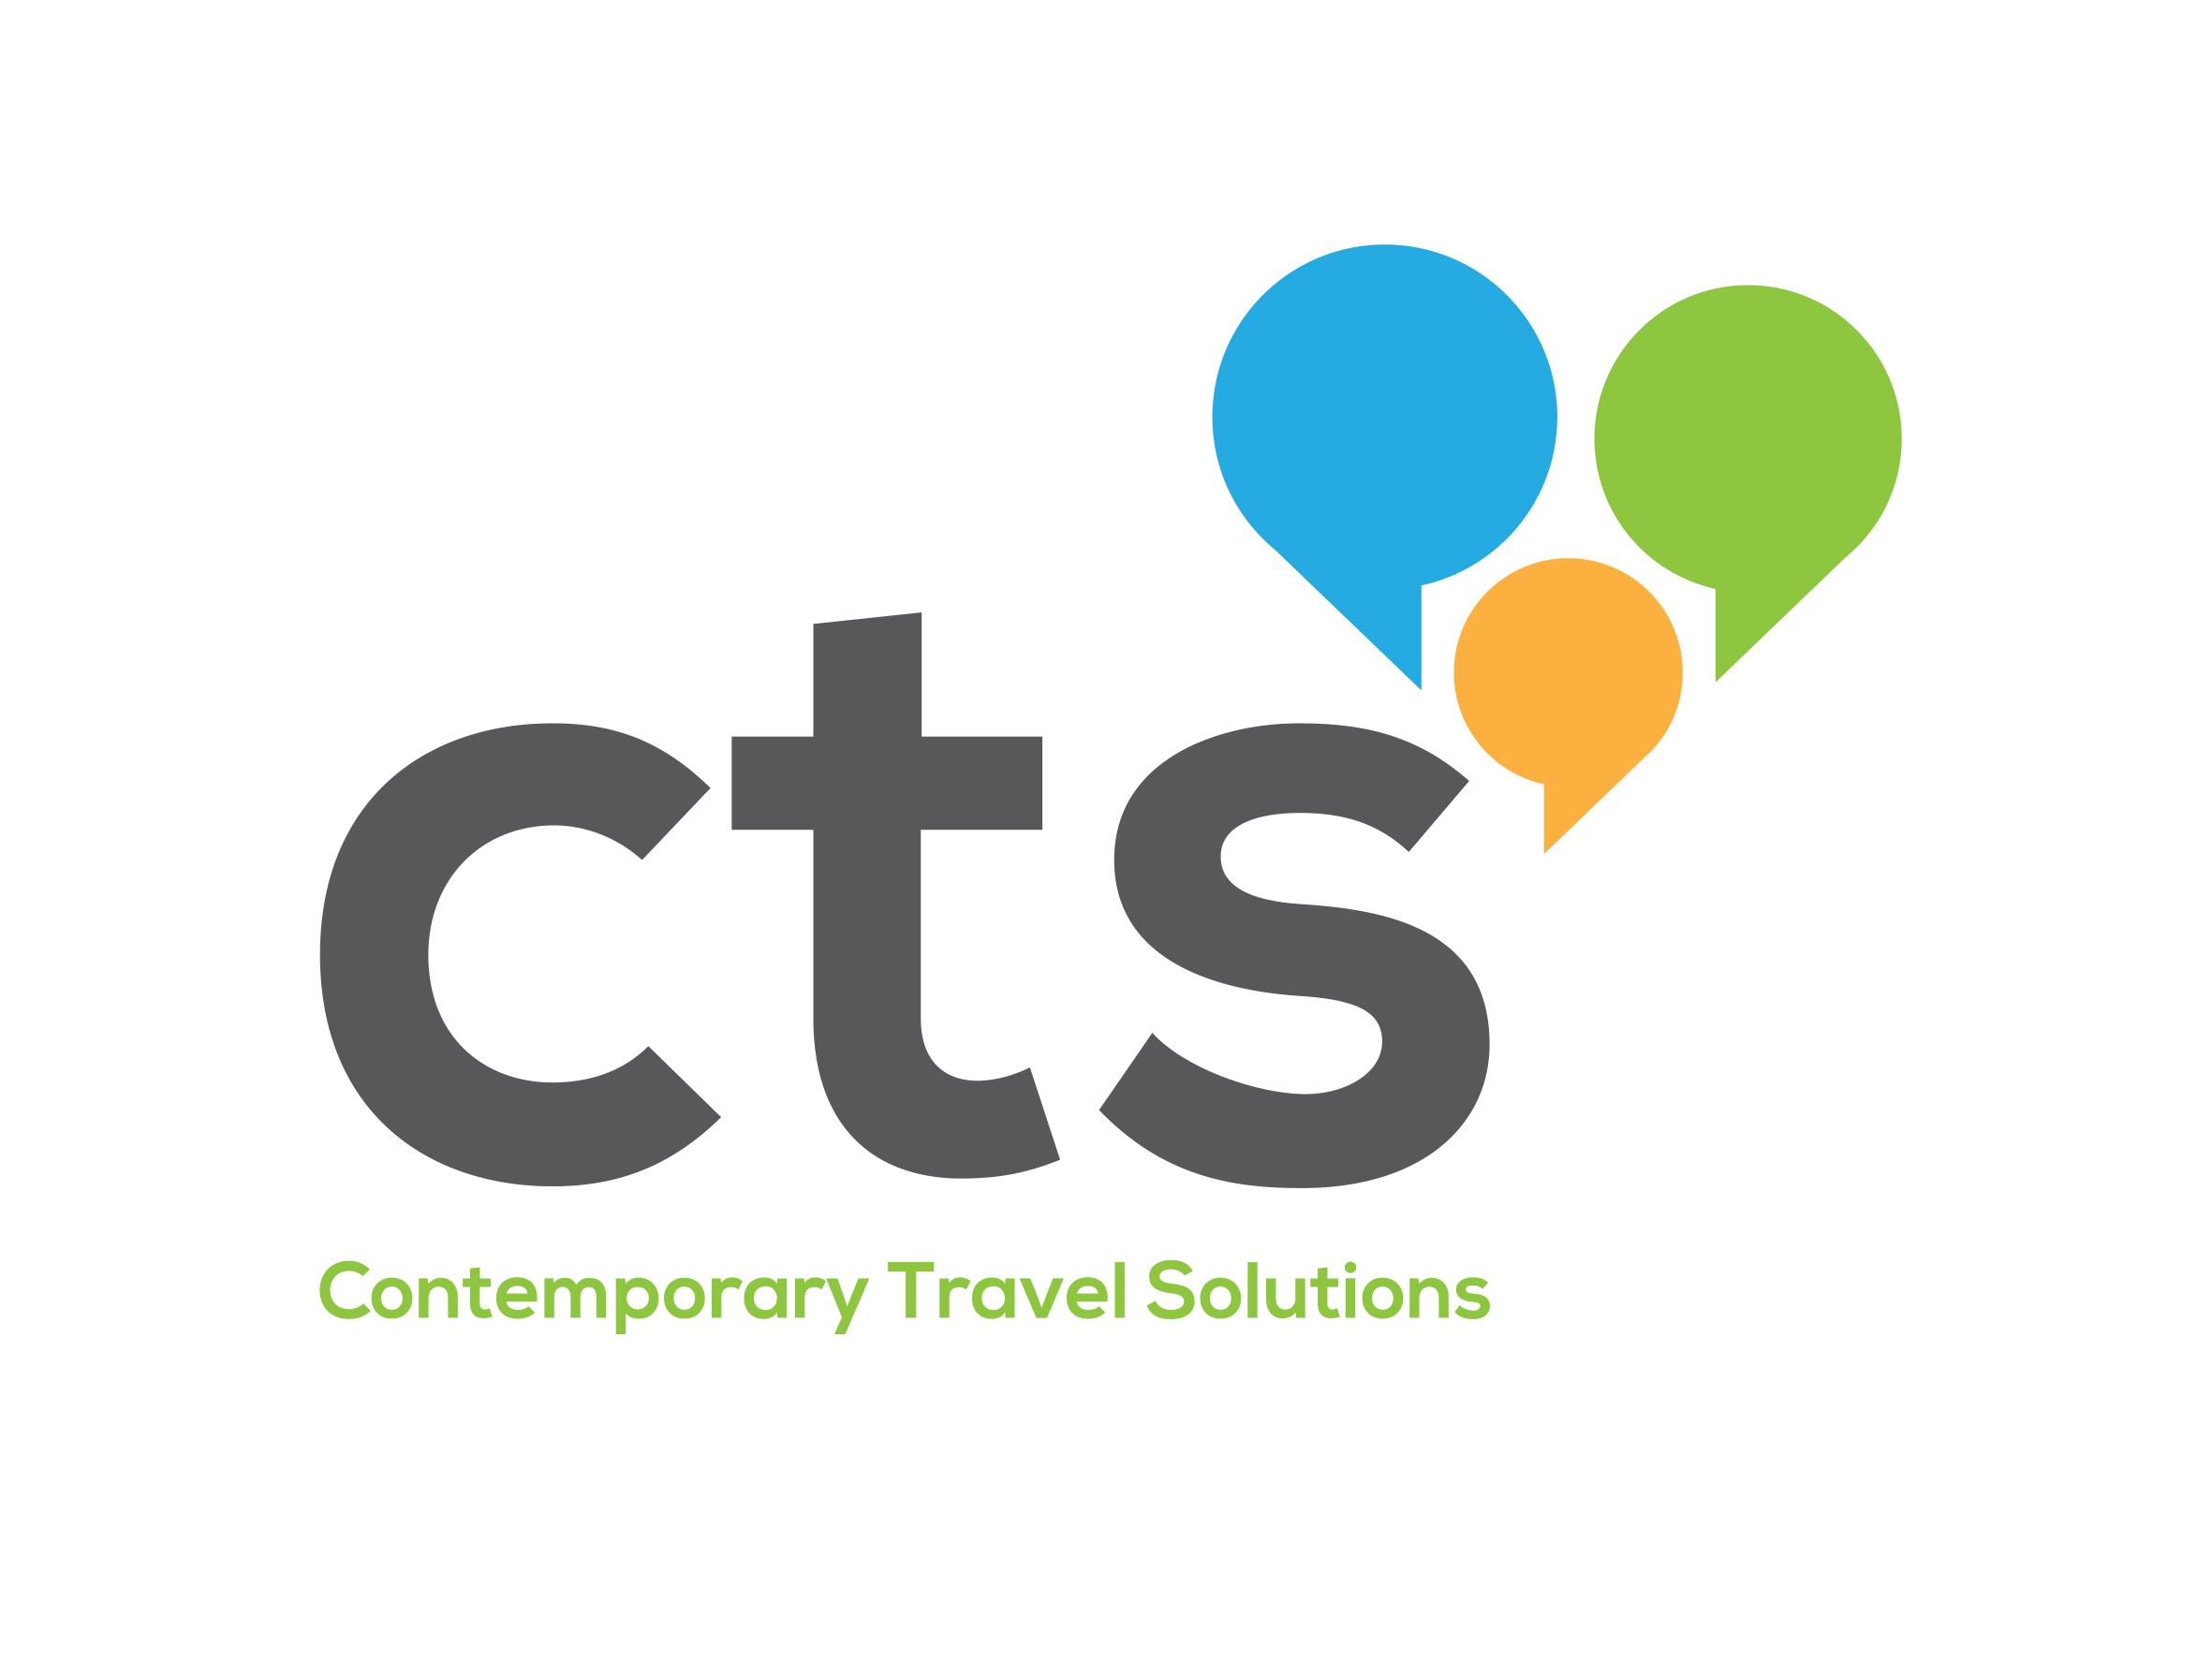 Travel Advisors - Home Based